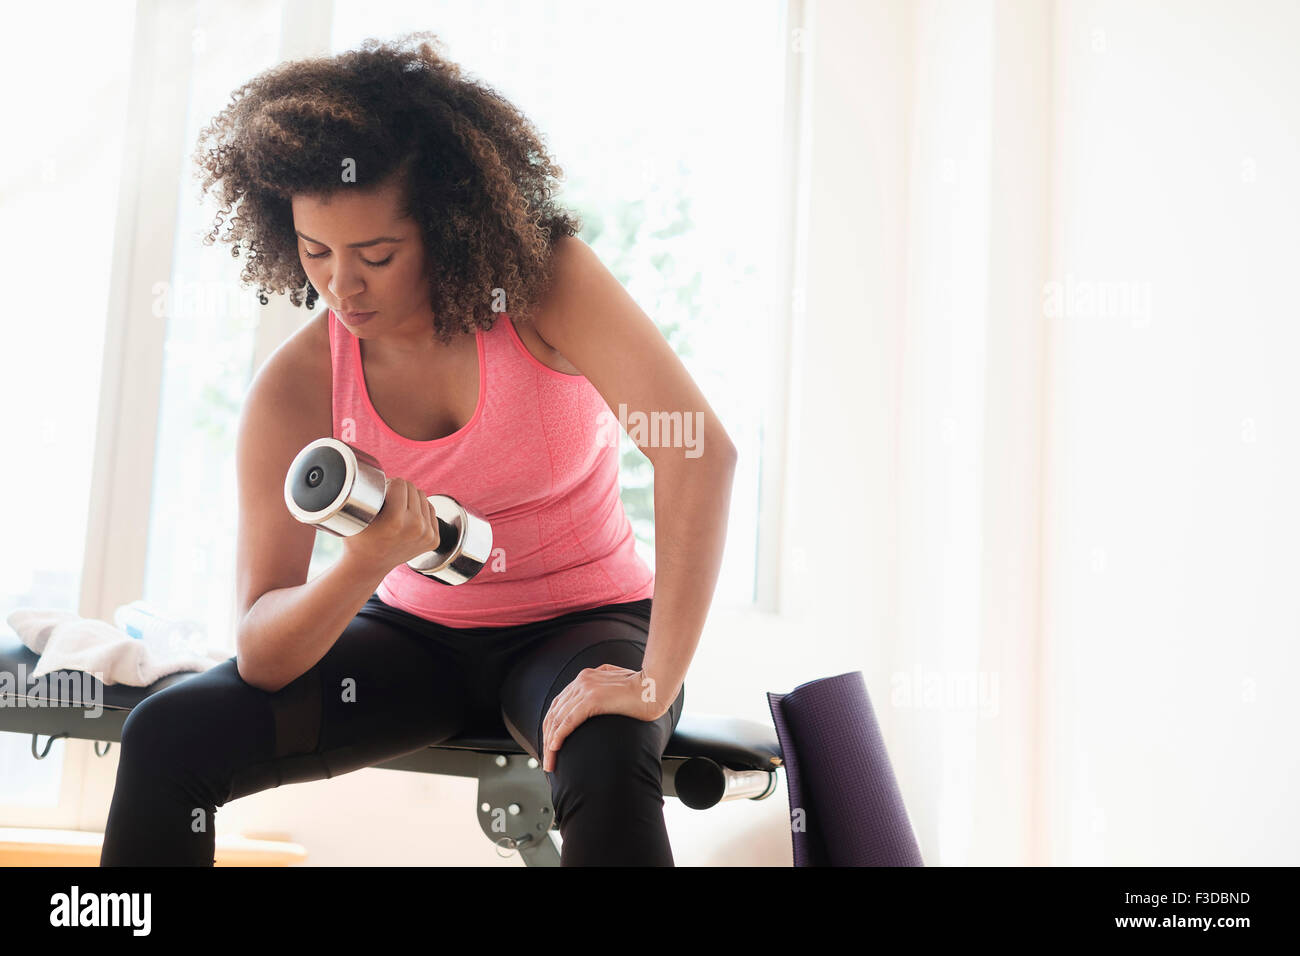 Giovane donna allenamento con i pesi Immagini Stock